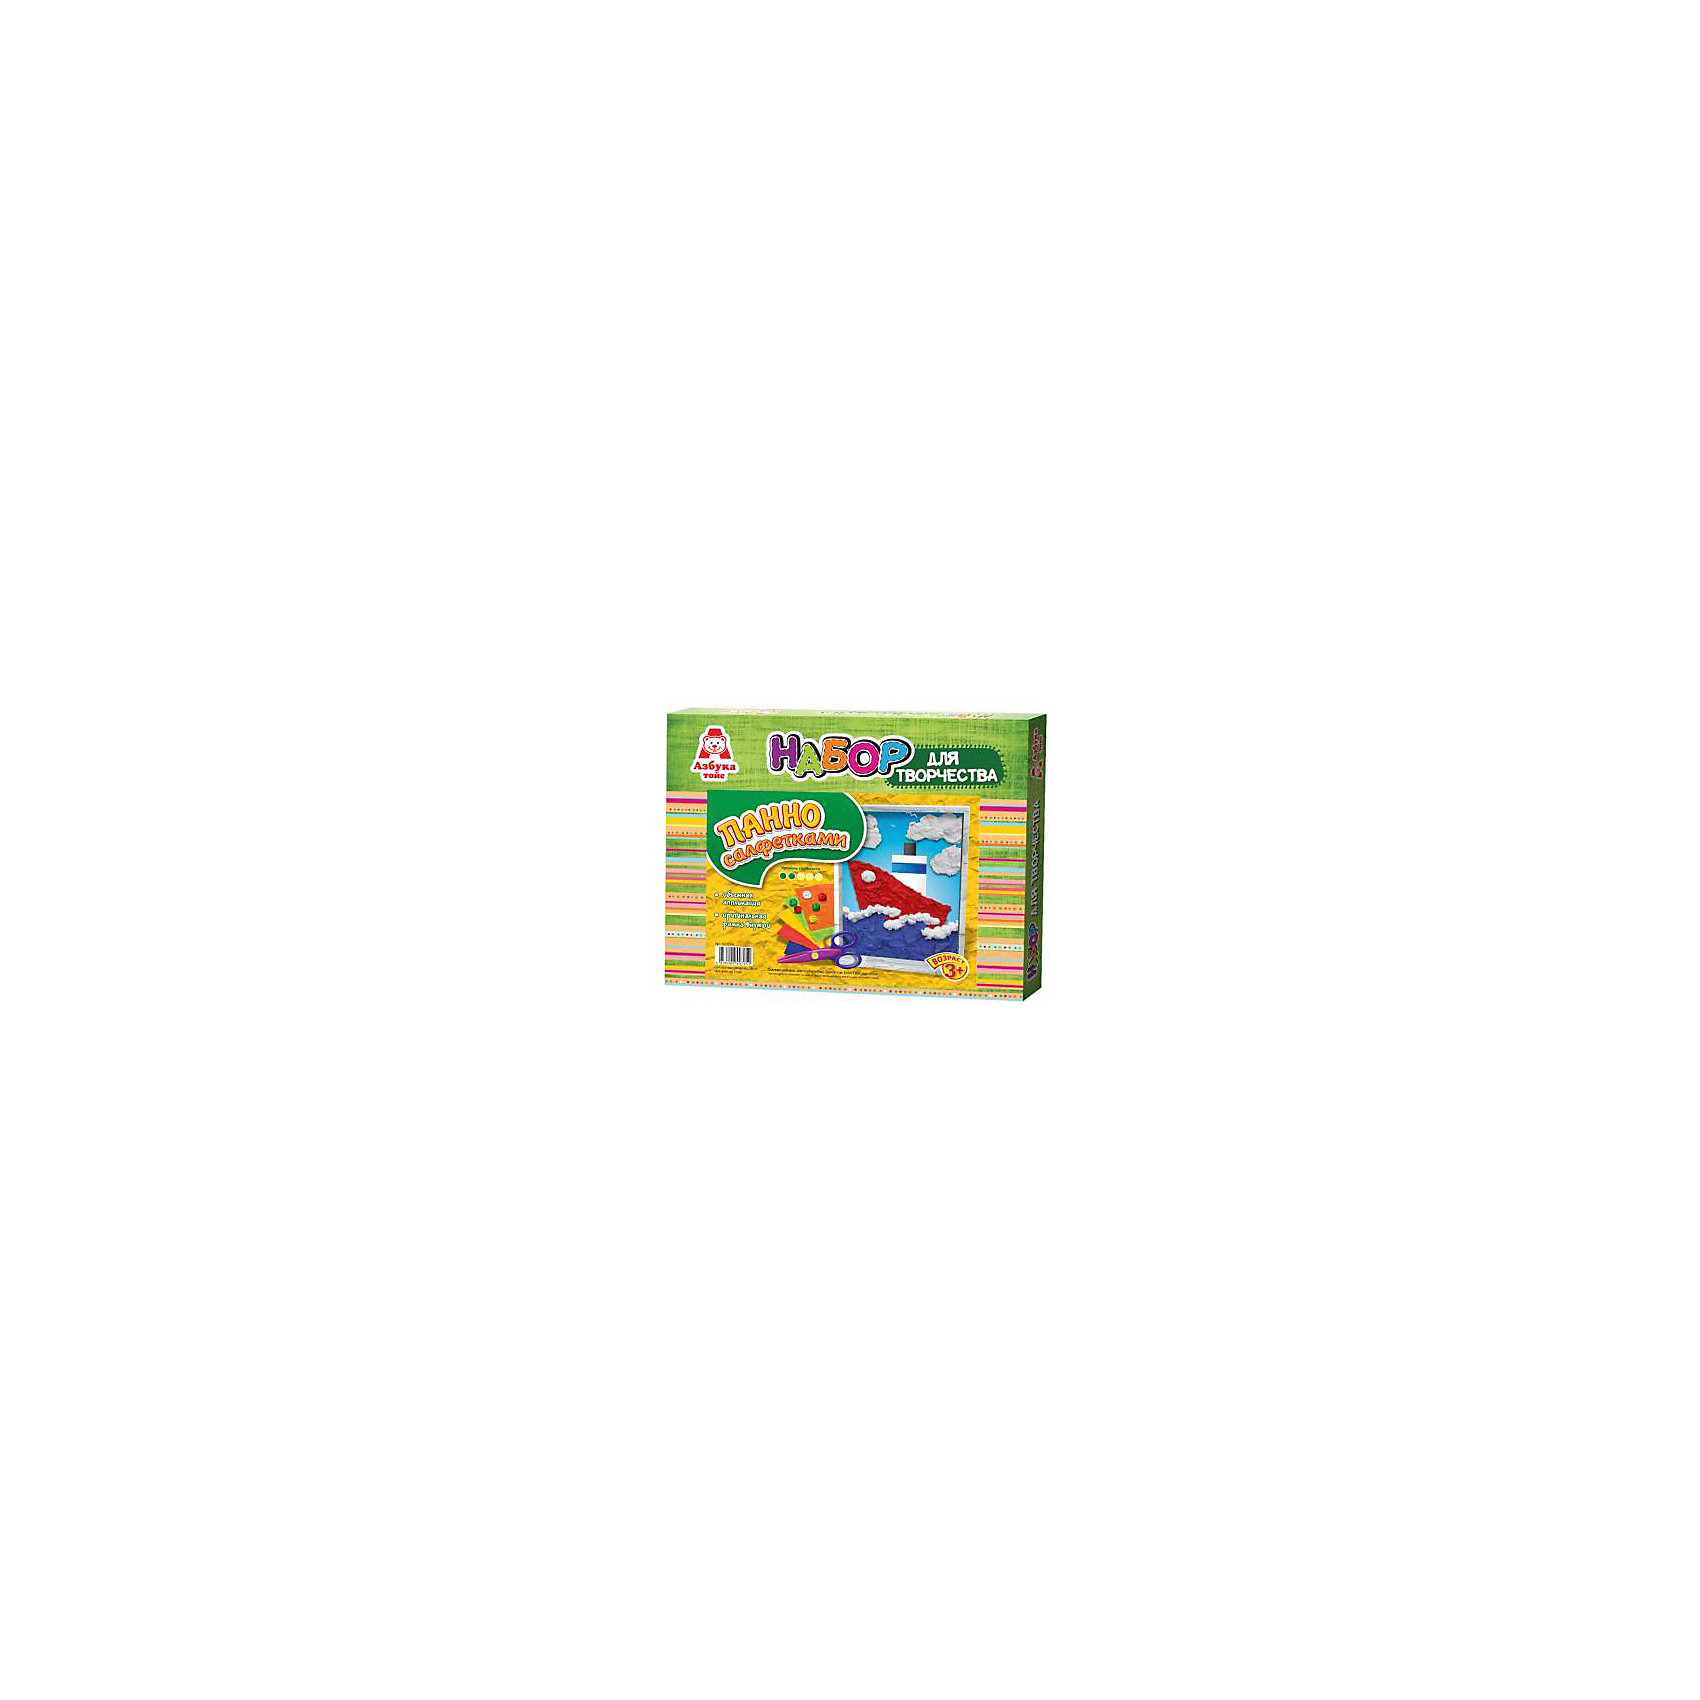 Аппликация салфетками КорабльРукоделие<br>Аппликация салфетками Корабль<br><br>Характеристики:<br><br>- в набор входит: основа, цветные салфетки, кисть, клей ПВА, рамка<br>- состав: картон, бумага, пластик <br>- формат: 27 * 3 * 22 см.<br>- вес: 116 гр.<br>- для детей в возрасте: от 3 до 6 лет<br>- Страна производитель: Российская Федерация<br><br>Набор для творчества Аппликация салфетками Корабль от компании Азбука тойс понравится маленьким пальчиками и создаст яркое настроение для отважных приключений. Пошаговая инструкция подробно описывает процесс выполнения аппликации. Шарики из салфеток клеятся на цветную основу с помощью клея, входящего в комплект. Работа с таким набором развивает моторику ручек, воображение, усидчивость, аккуратность и внимание. Панно из салфеток имеет второй уровень сложности, но его выполнить ничуть не трудно, поэтому ребенок вскоре сможет порадоваться своему небольшому шедевру и, может быть, даже подарить его кому-нибудь. Красивая рамка входит в комплект.<br><br>Аппликацию салфетками Корабльможно купить в нашем интернет-магазине.<br><br>Ширина мм: 270<br>Глубина мм: 30<br>Высота мм: 220<br>Вес г: 116<br>Возраст от месяцев: 36<br>Возраст до месяцев: 84<br>Пол: Мужской<br>Возраст: Детский<br>SKU: 5062940